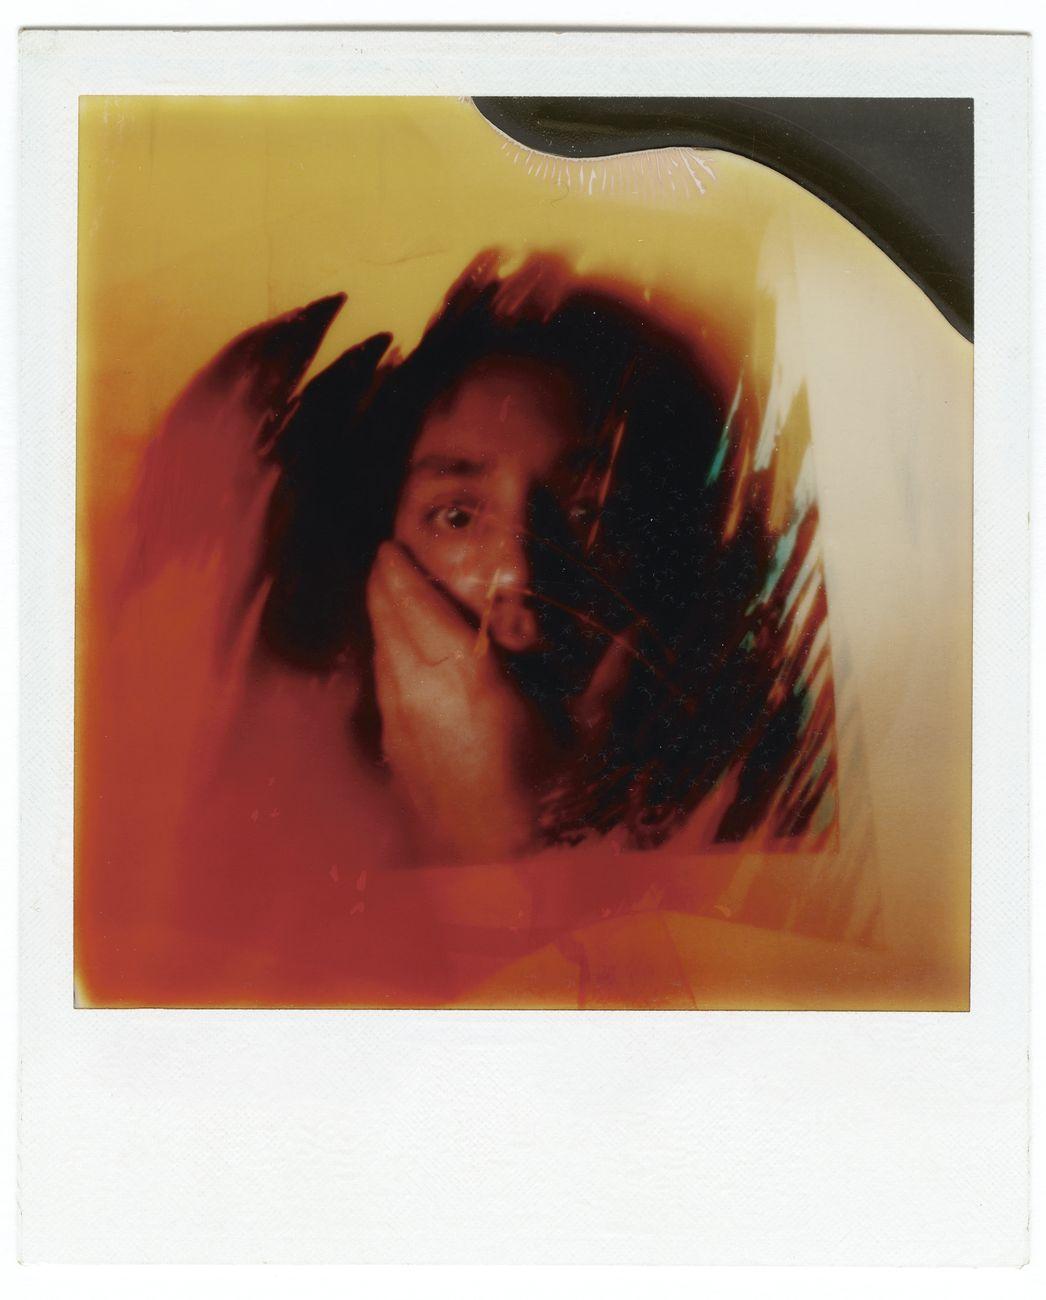 Paolo Gioli, Autoritratto stenopeico, Polaroid SX-70 applicata su carta da disegno, 25 × 17,5 cm, 1977. Collezione privata. © Paolo Gioli